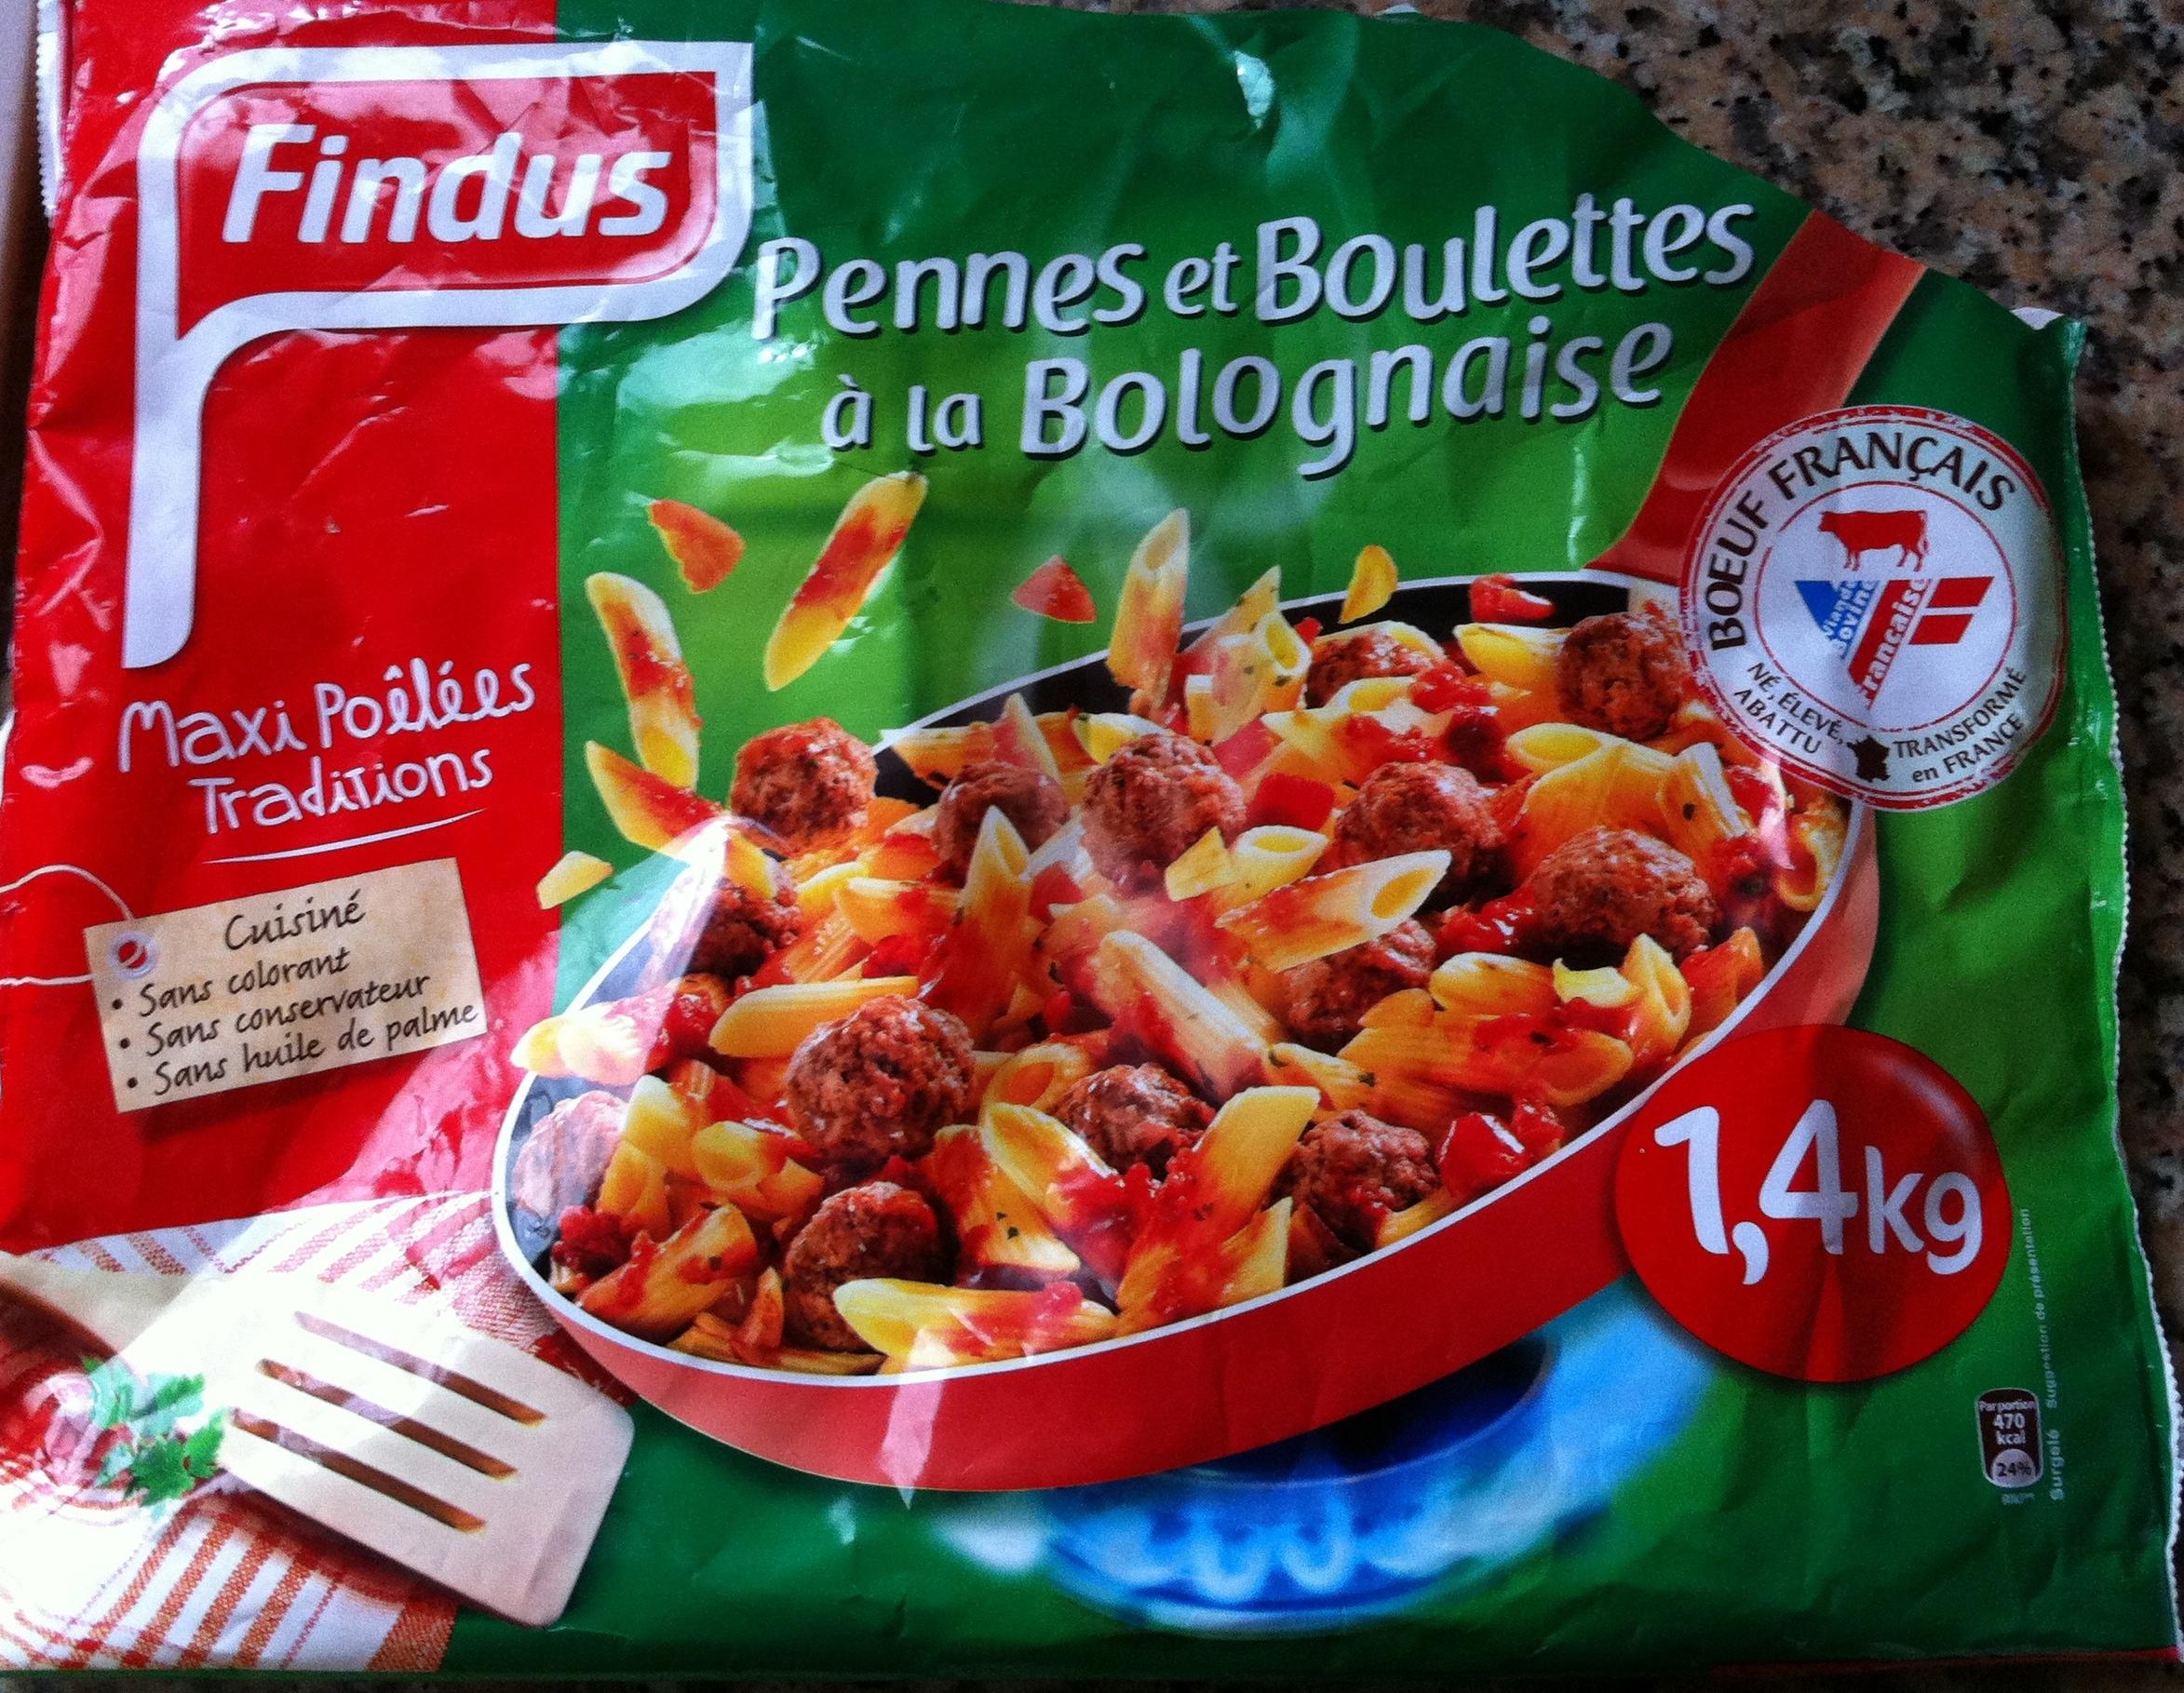 Pennes et Boulettes à la Bolognaise, Surgelés - Produkt - fr